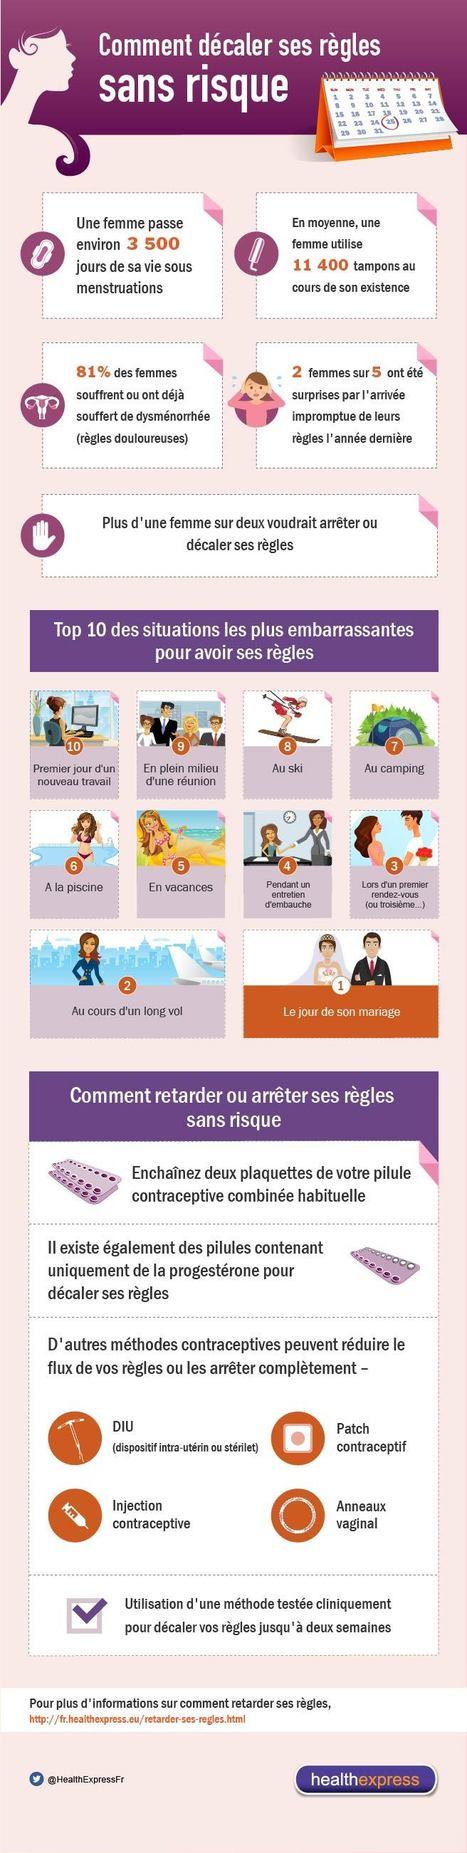 Décaler ses règles sans risque - Infographie | Healthexpress | Infographies santé | Scoop.it